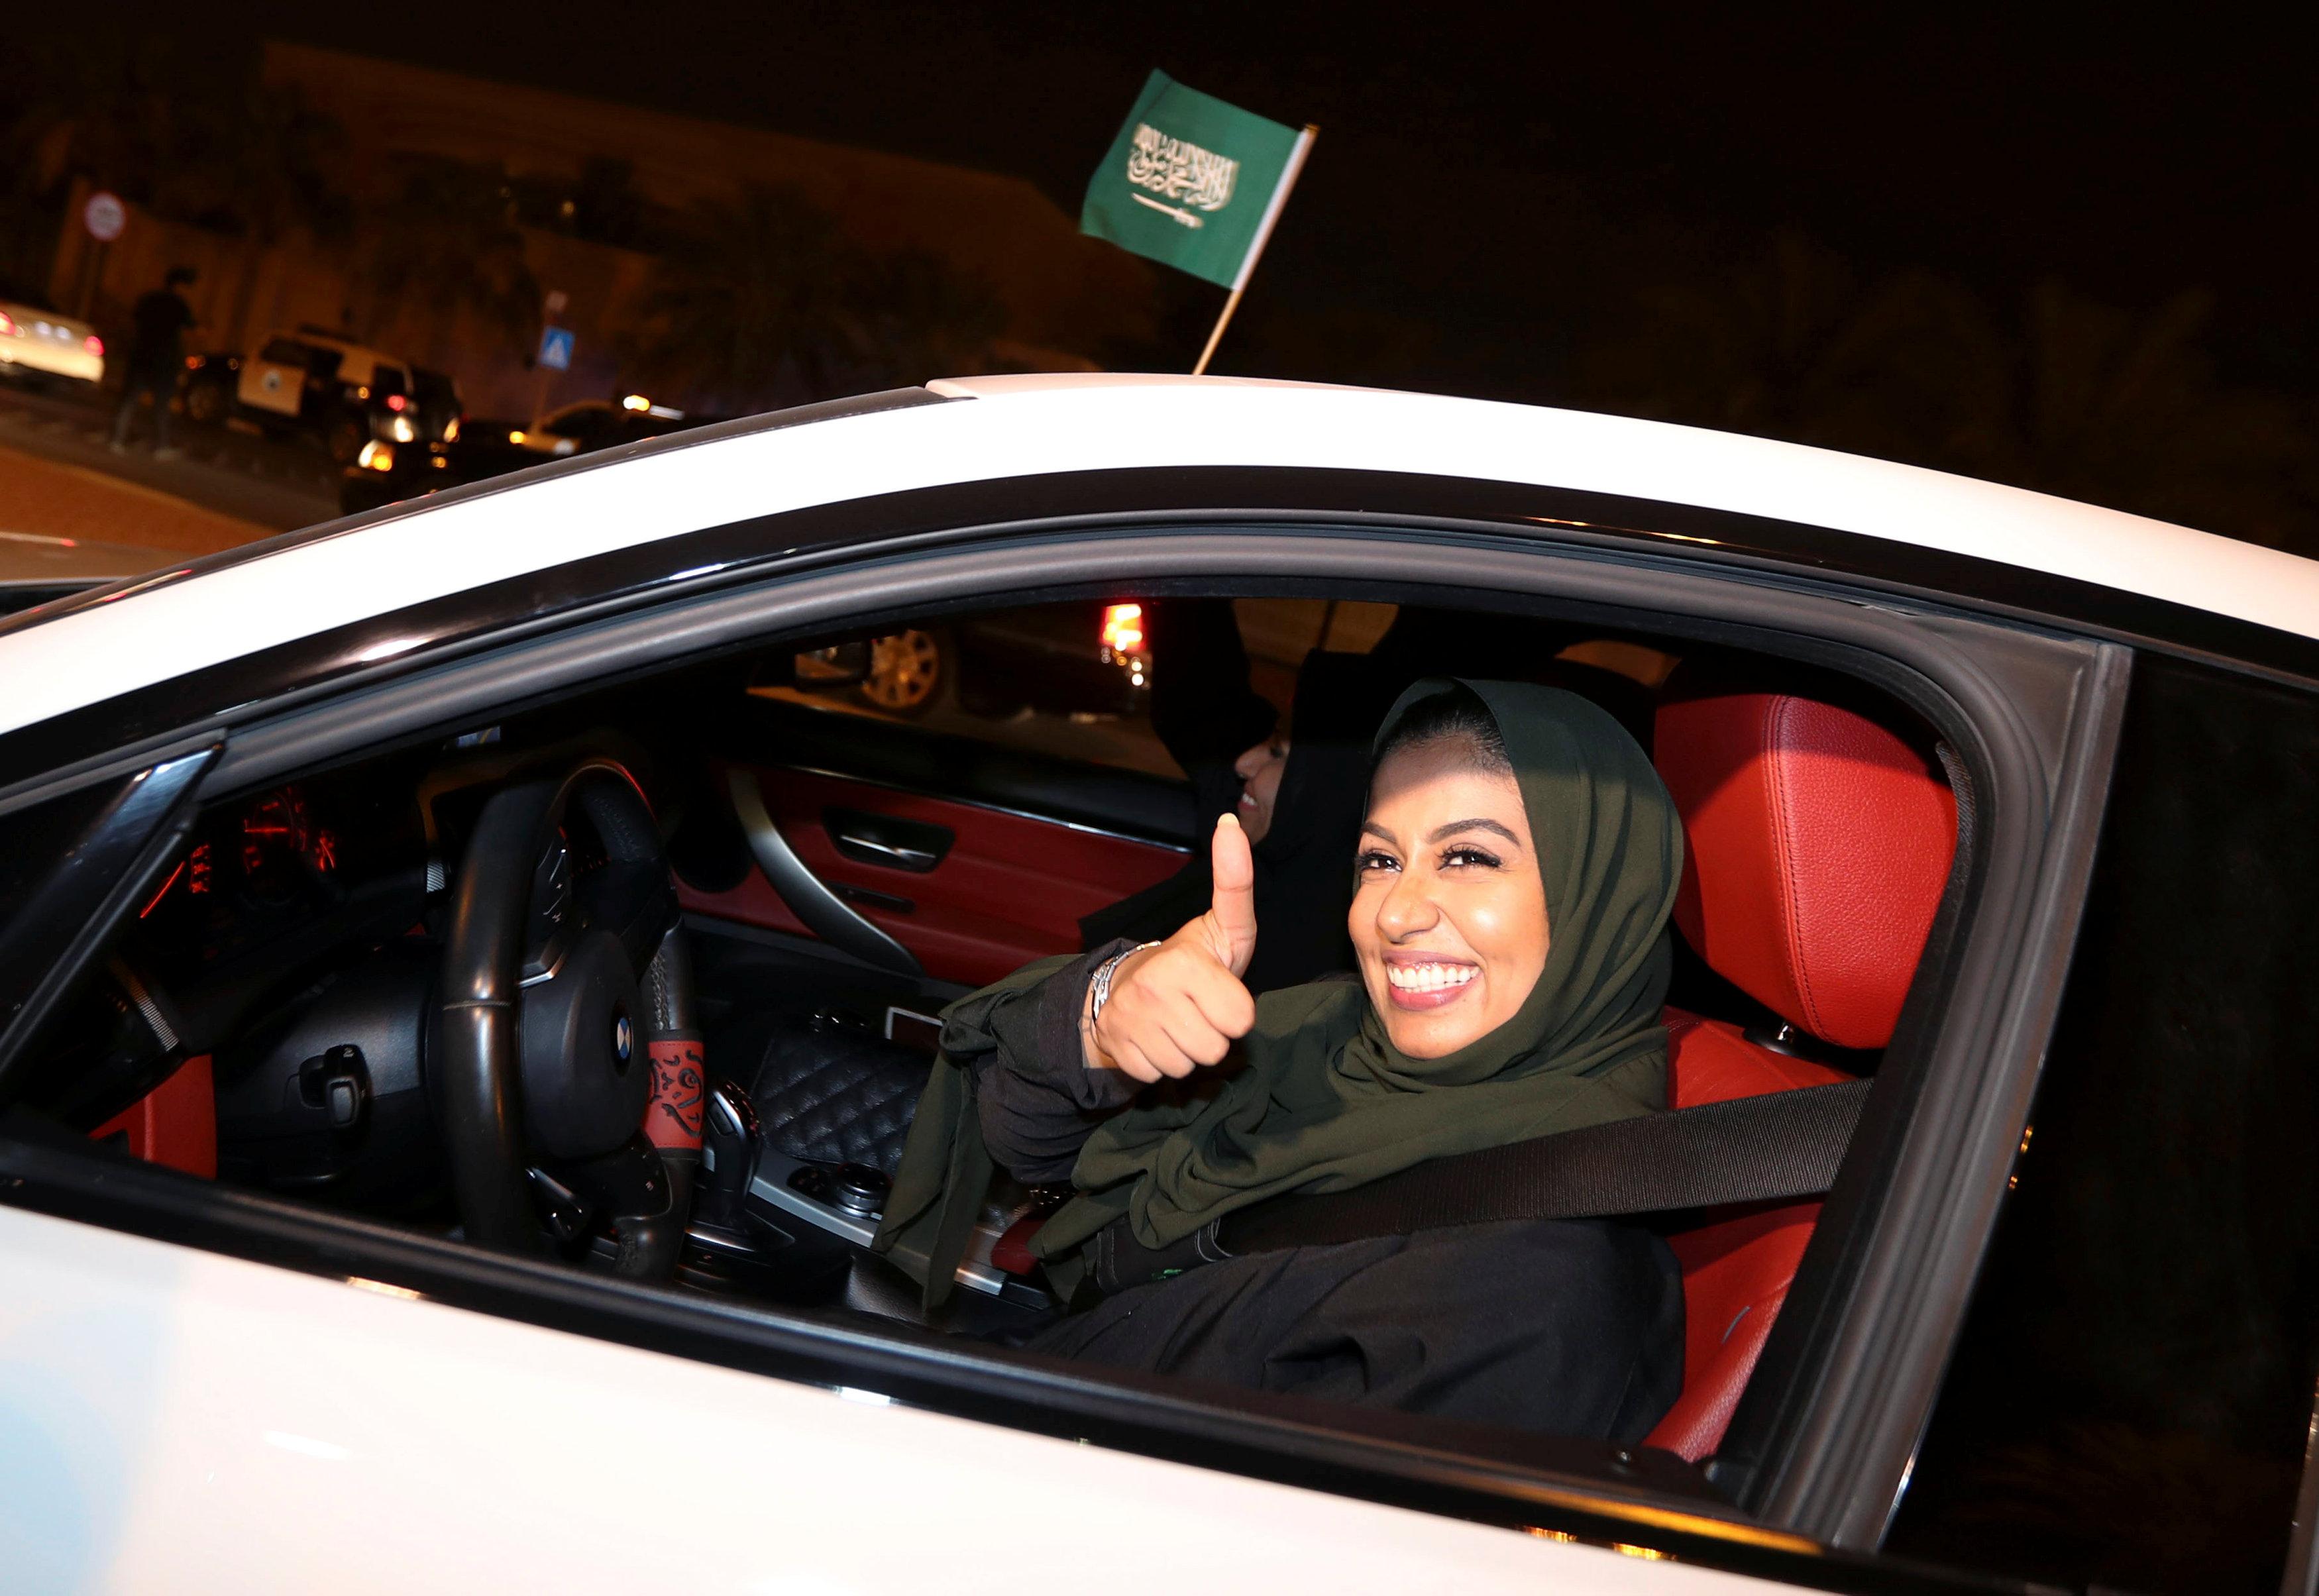 الفرحة فى وجه سيدة سعودية خلال قيادة السيارة